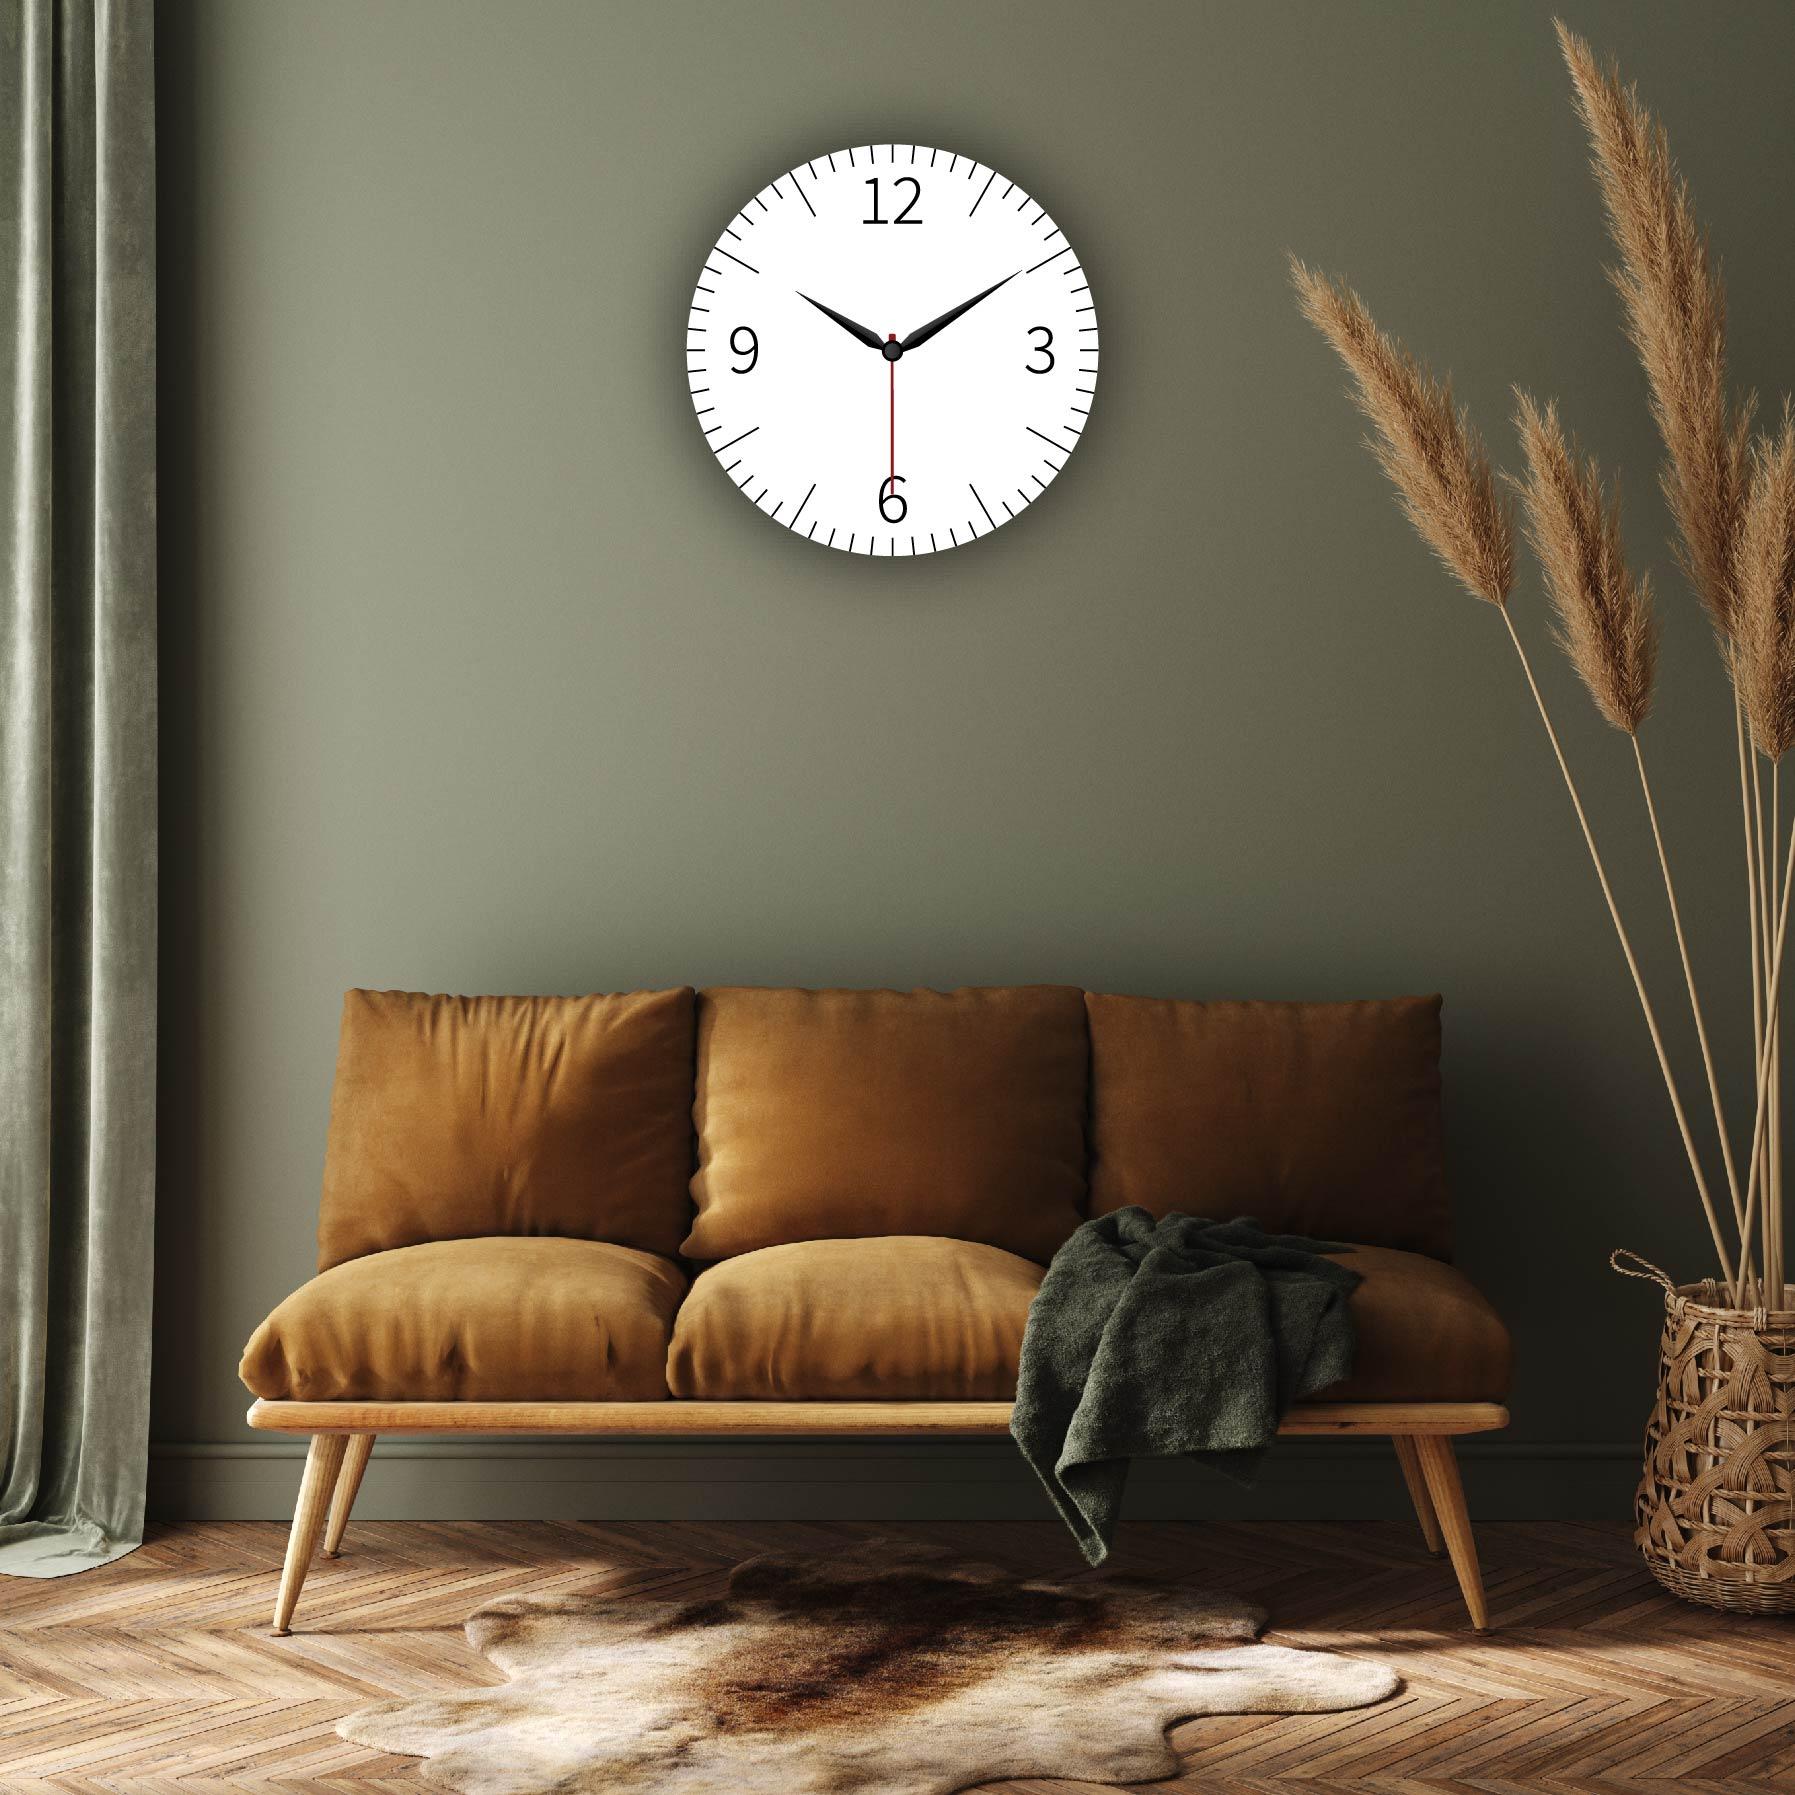 Dijital Baskılı Dekoratif Mdf Duvar Saati Model-101